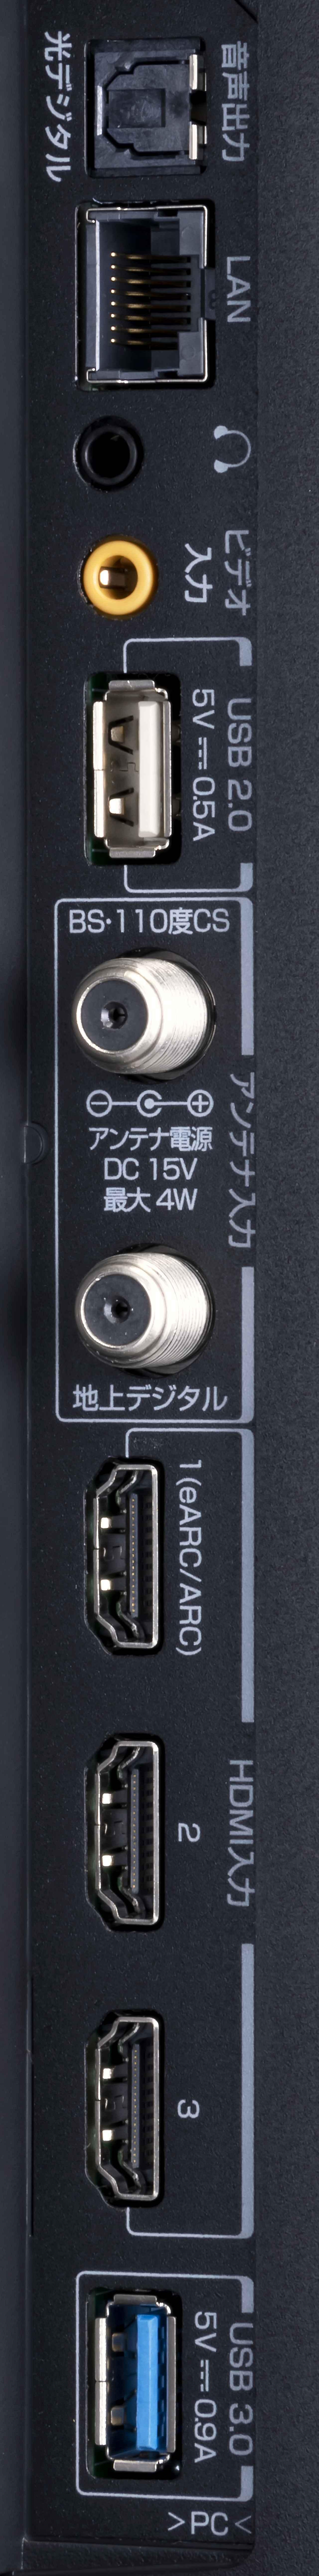 画像: HDMI端子は3系統を装備。HDMI入力1はeARC対応となっている。USB端子は2系統搭載しているが、下側にあるUSB3・0仕様の端子が録画用USB HDD接続用となる